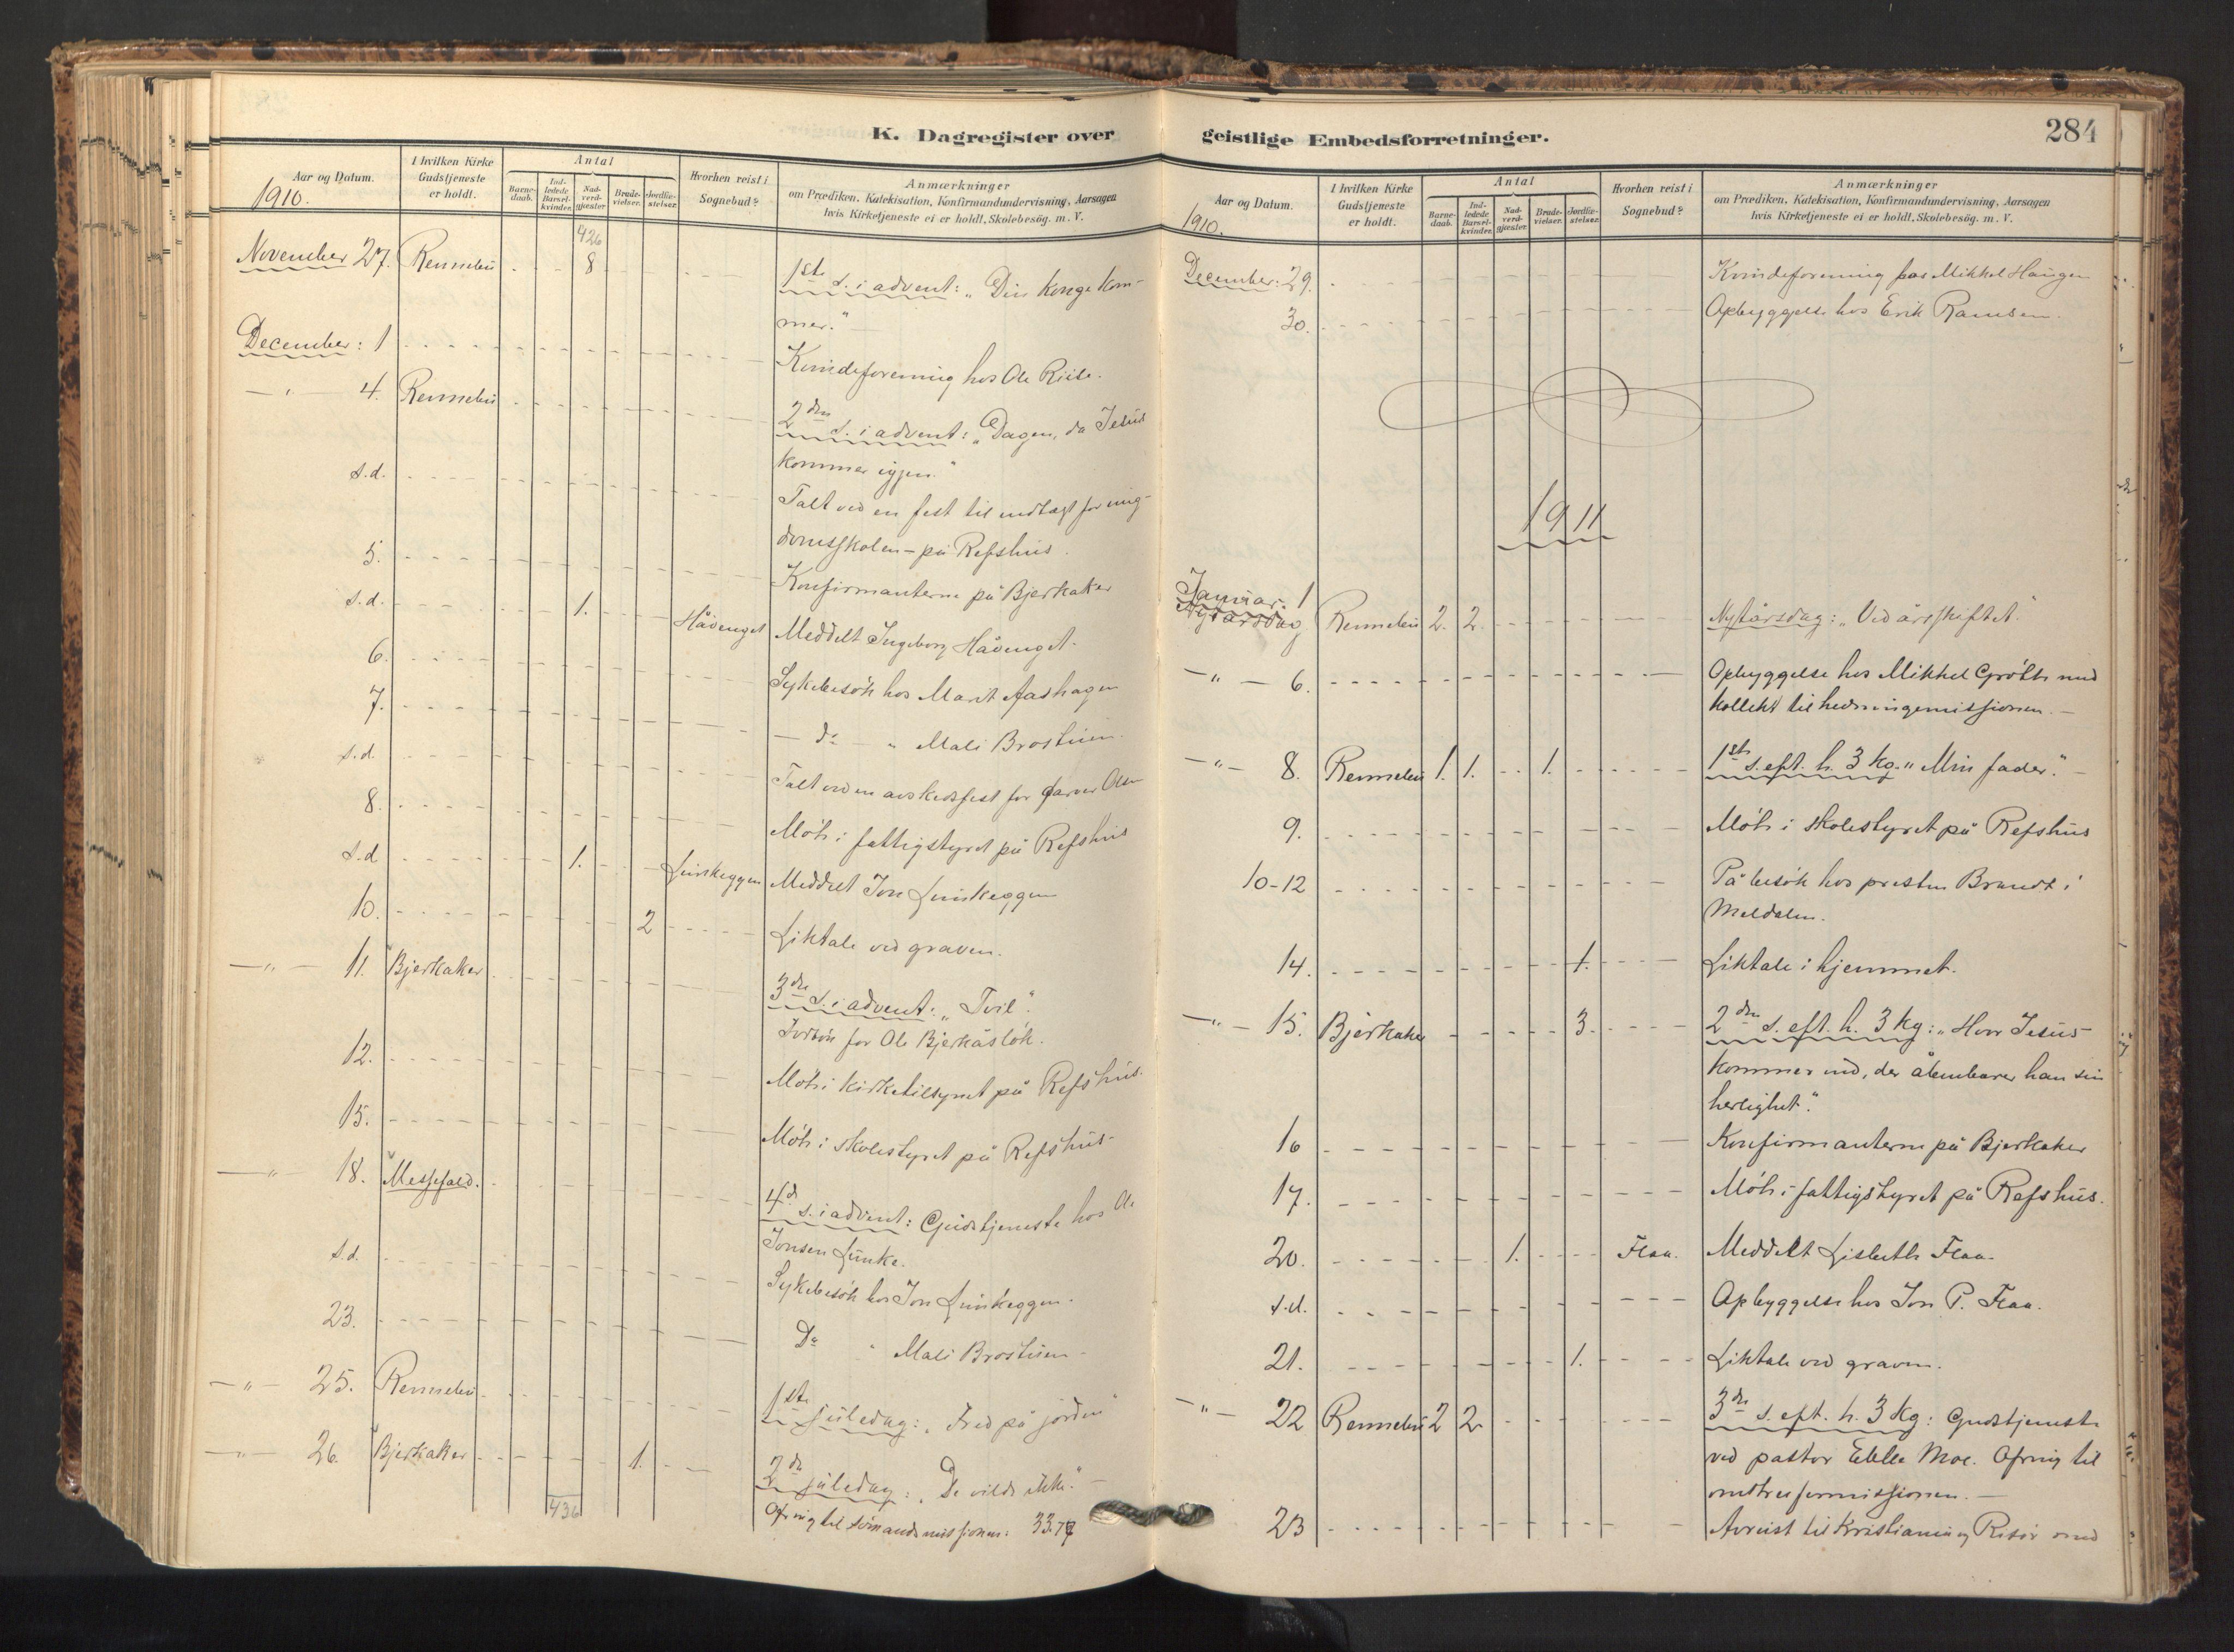 SAT, Ministerialprotokoller, klokkerbøker og fødselsregistre - Sør-Trøndelag, 674/L0873: Ministerialbok nr. 674A05, 1908-1923, s. 284